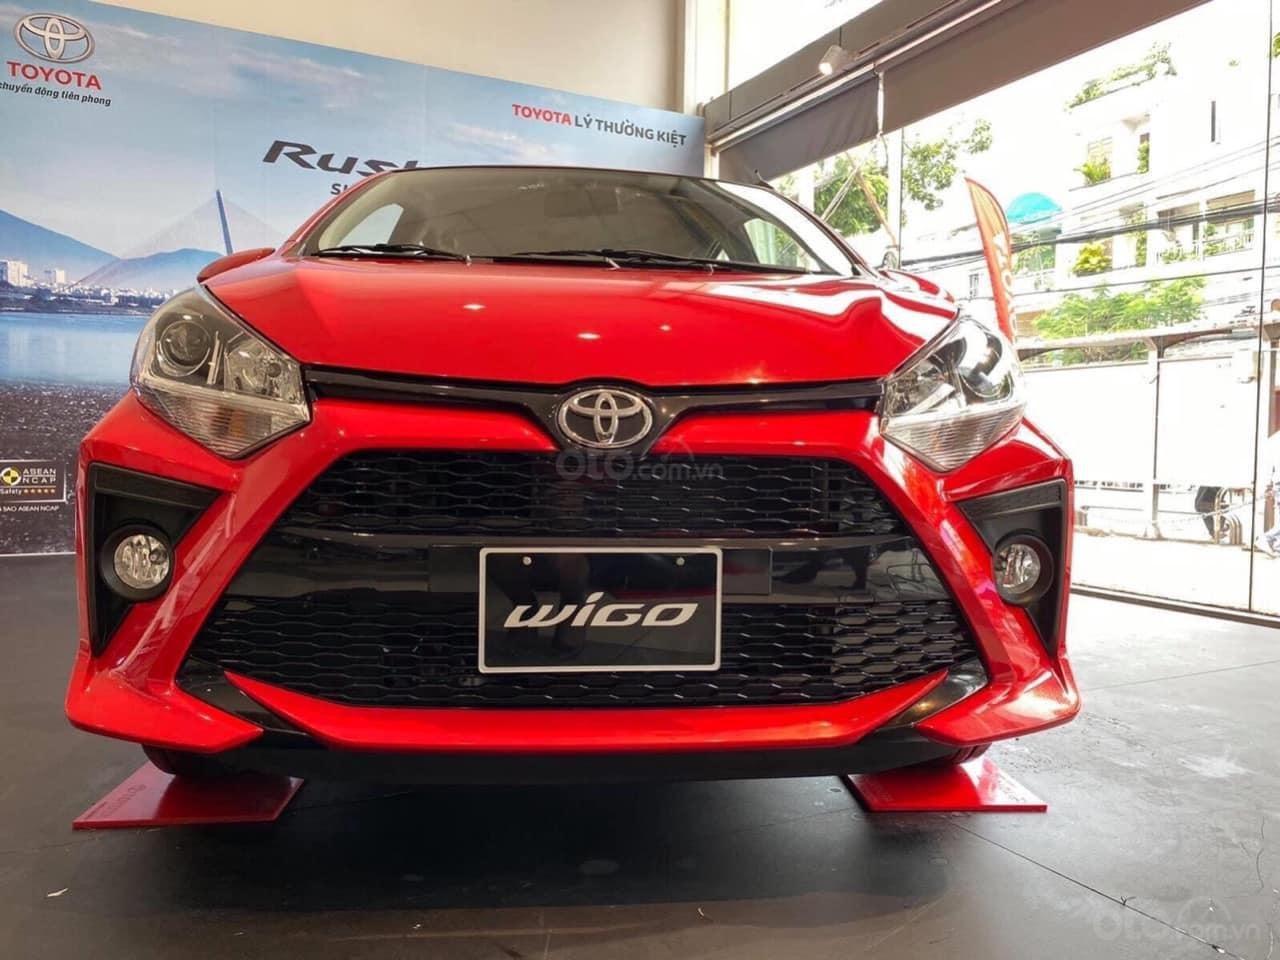 Cần bán xe Toyota Wigo 1.2AT sản xuất 2021 trả trước 130 triệu nhận xe (7)